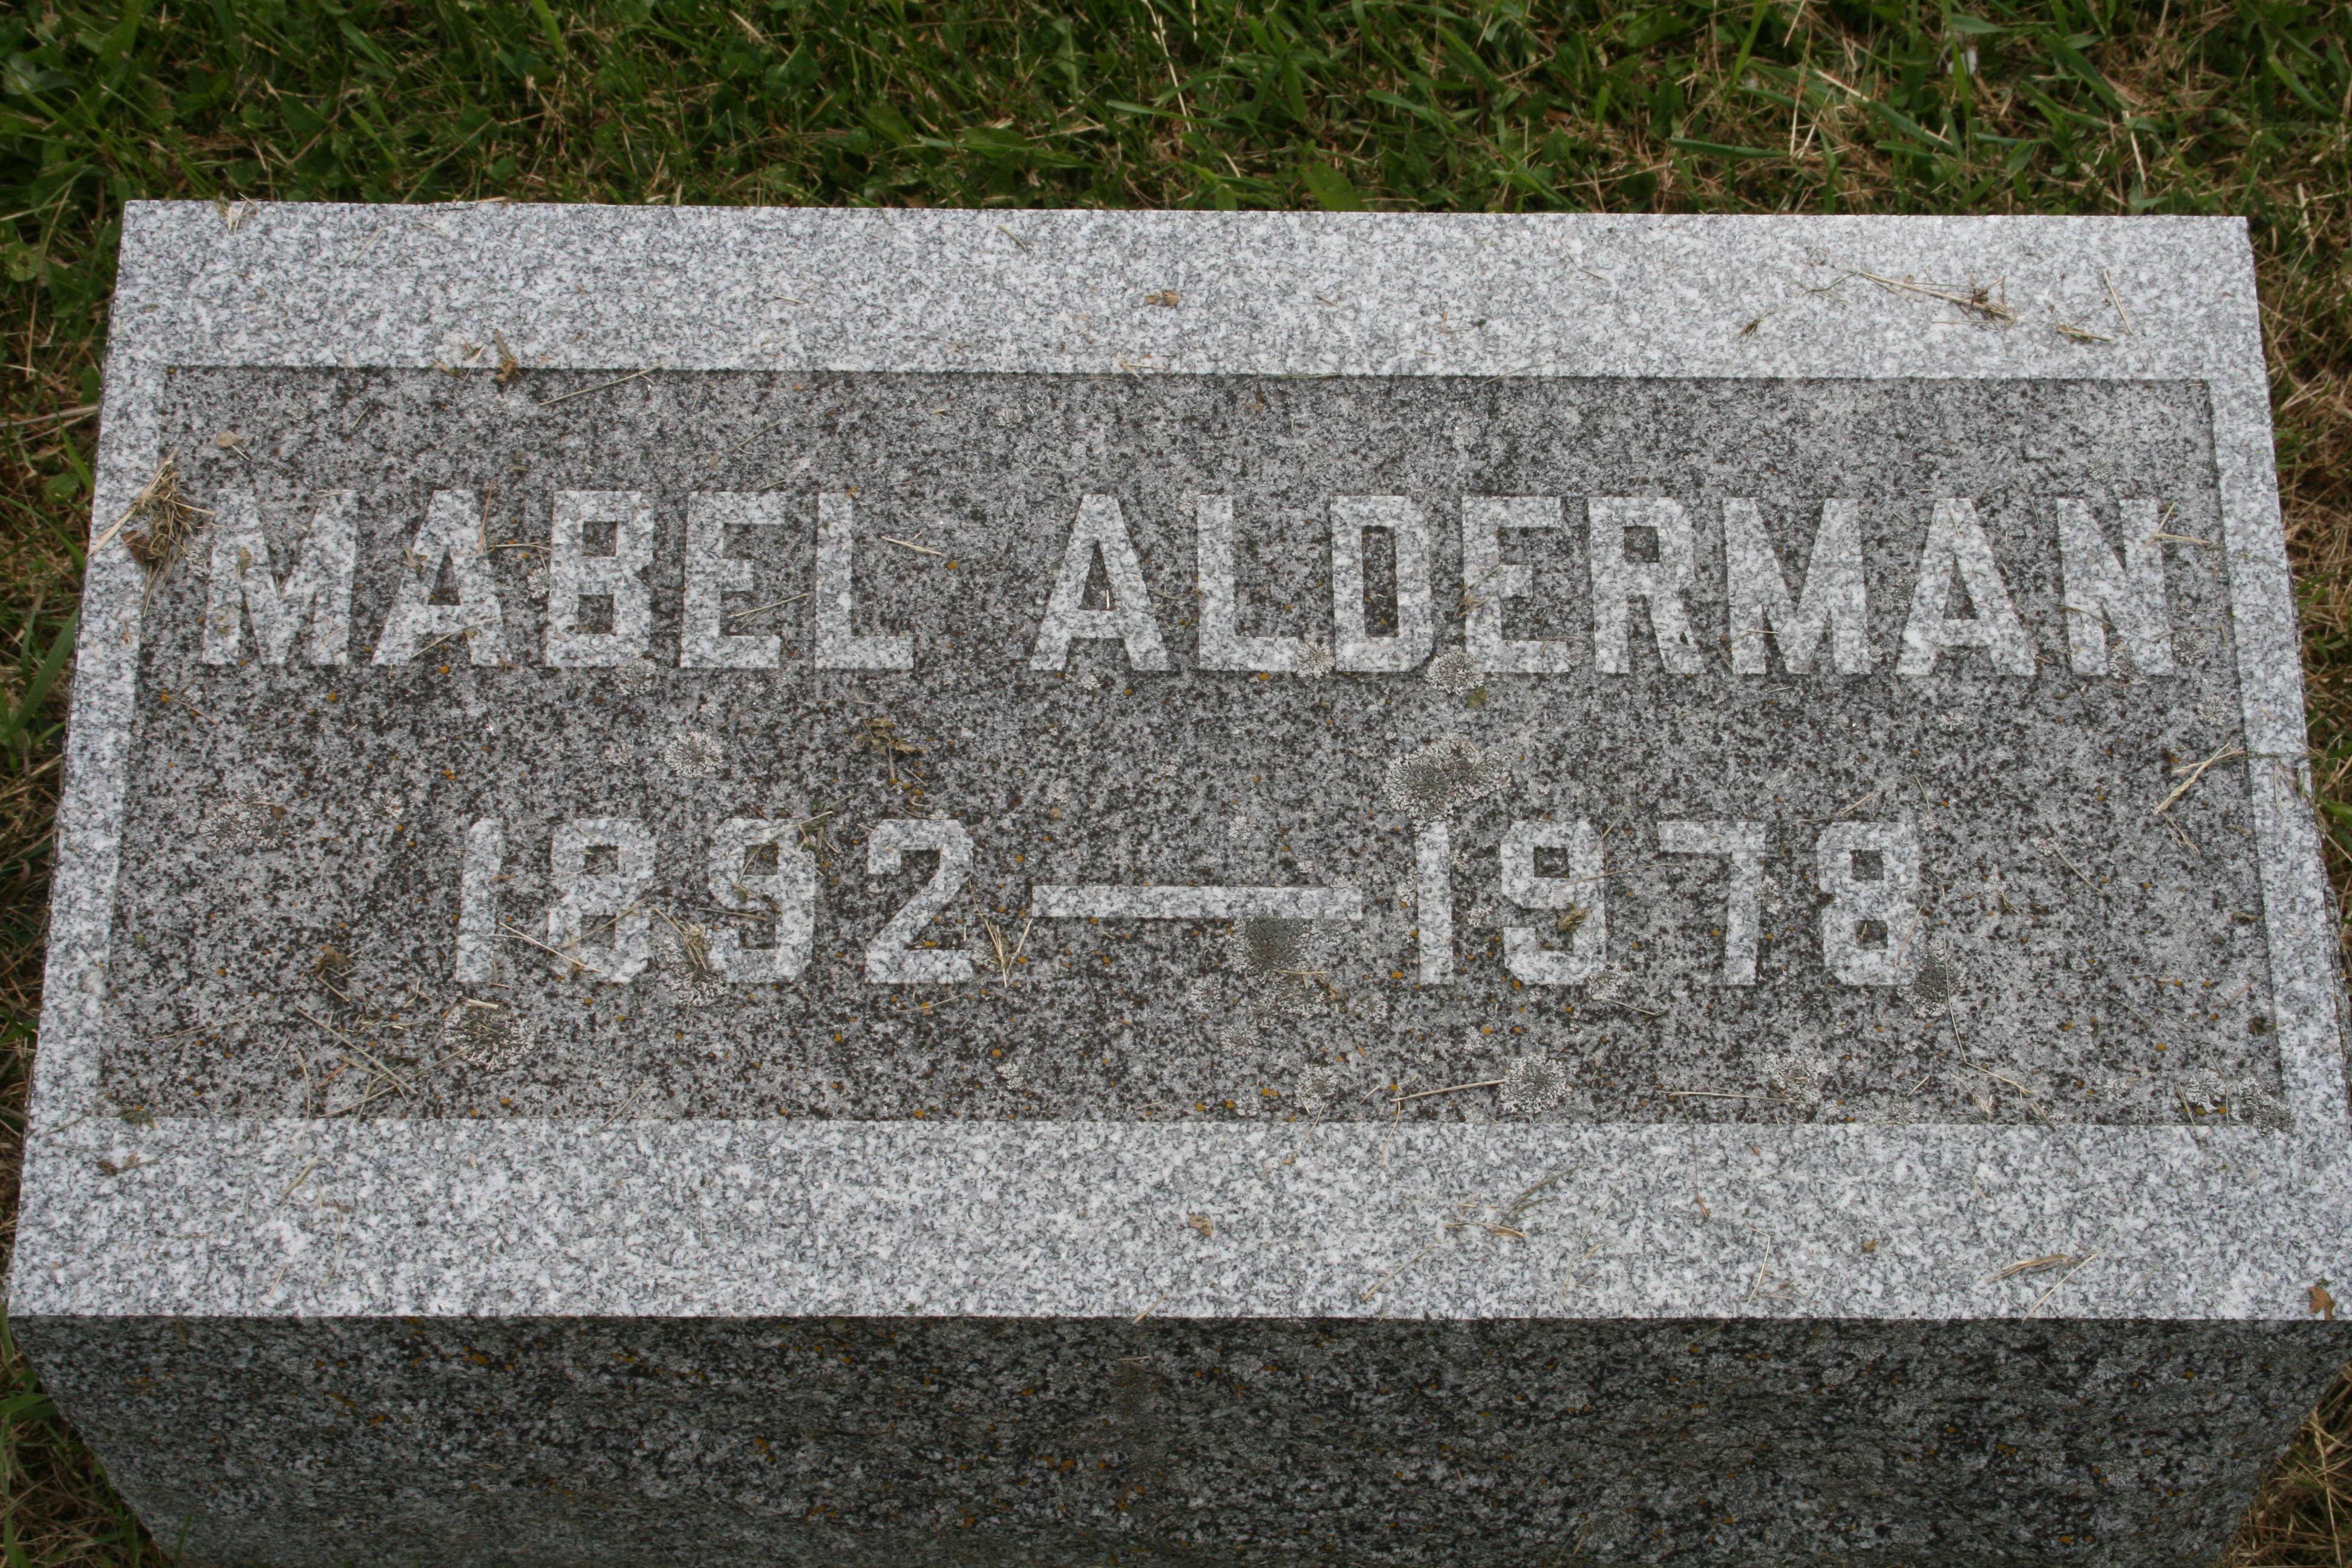 Mabel Pearl Van Ness